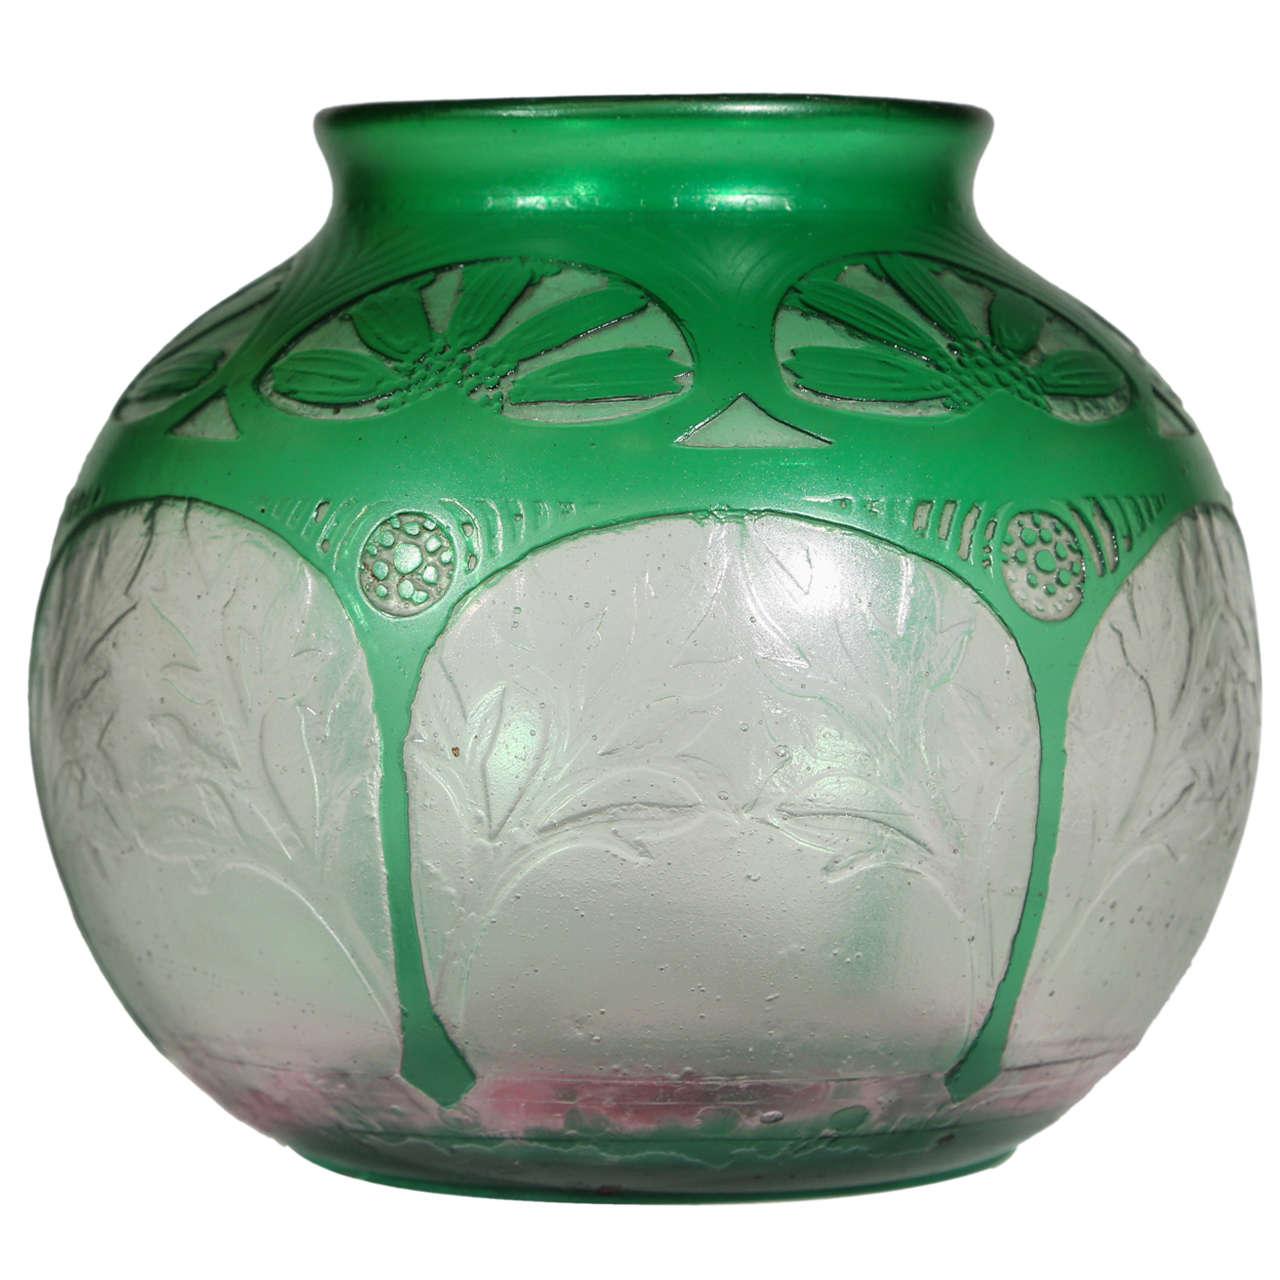 Art Deco Acid Etched Glass Vase by Daum